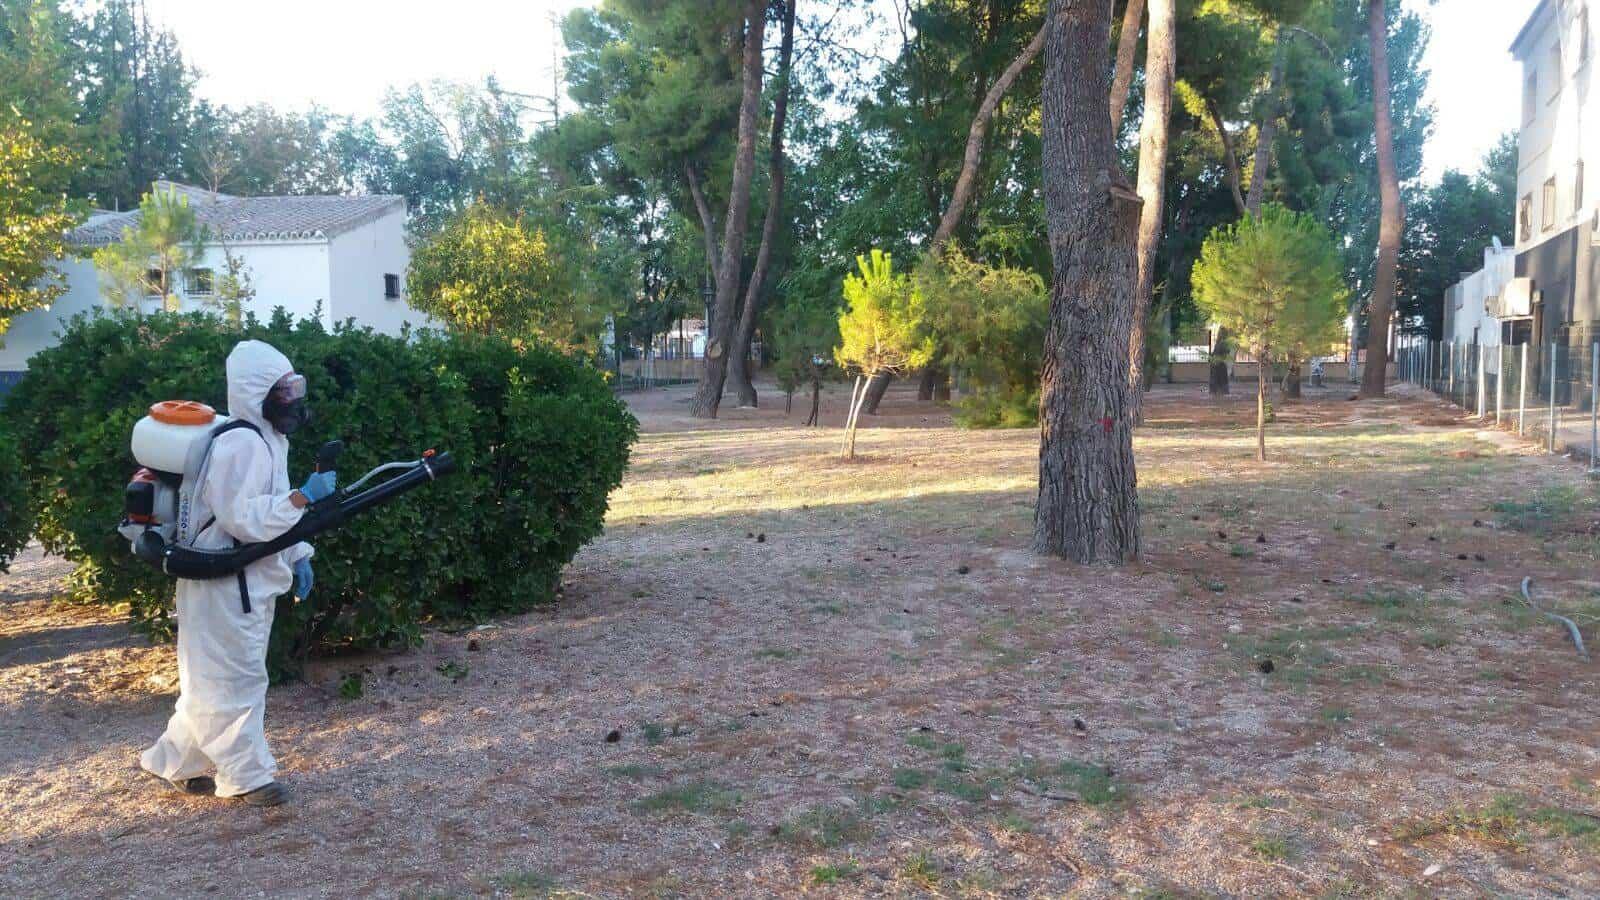 desinfeccion zona perro parque herencia 2 - Desinfección de la zona habilitada para perros del Parque Municipal